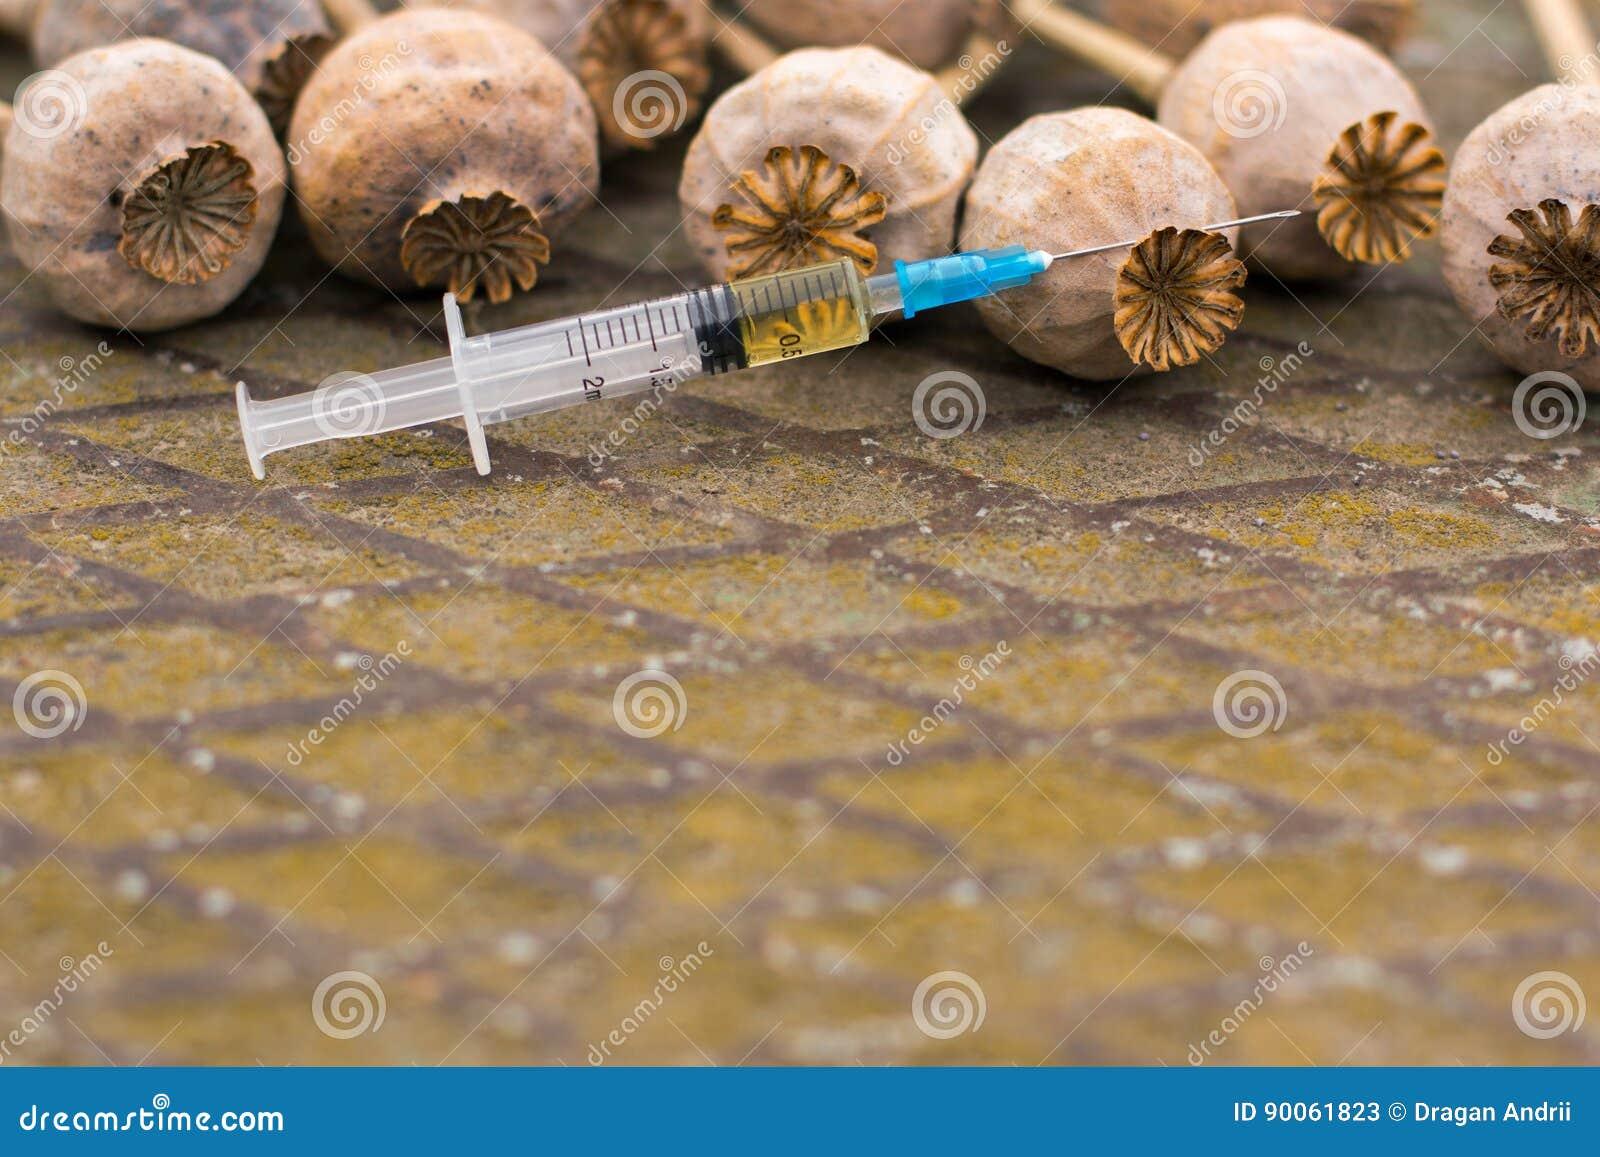 Наркомания мак наркологические клиники в челябинске адреса